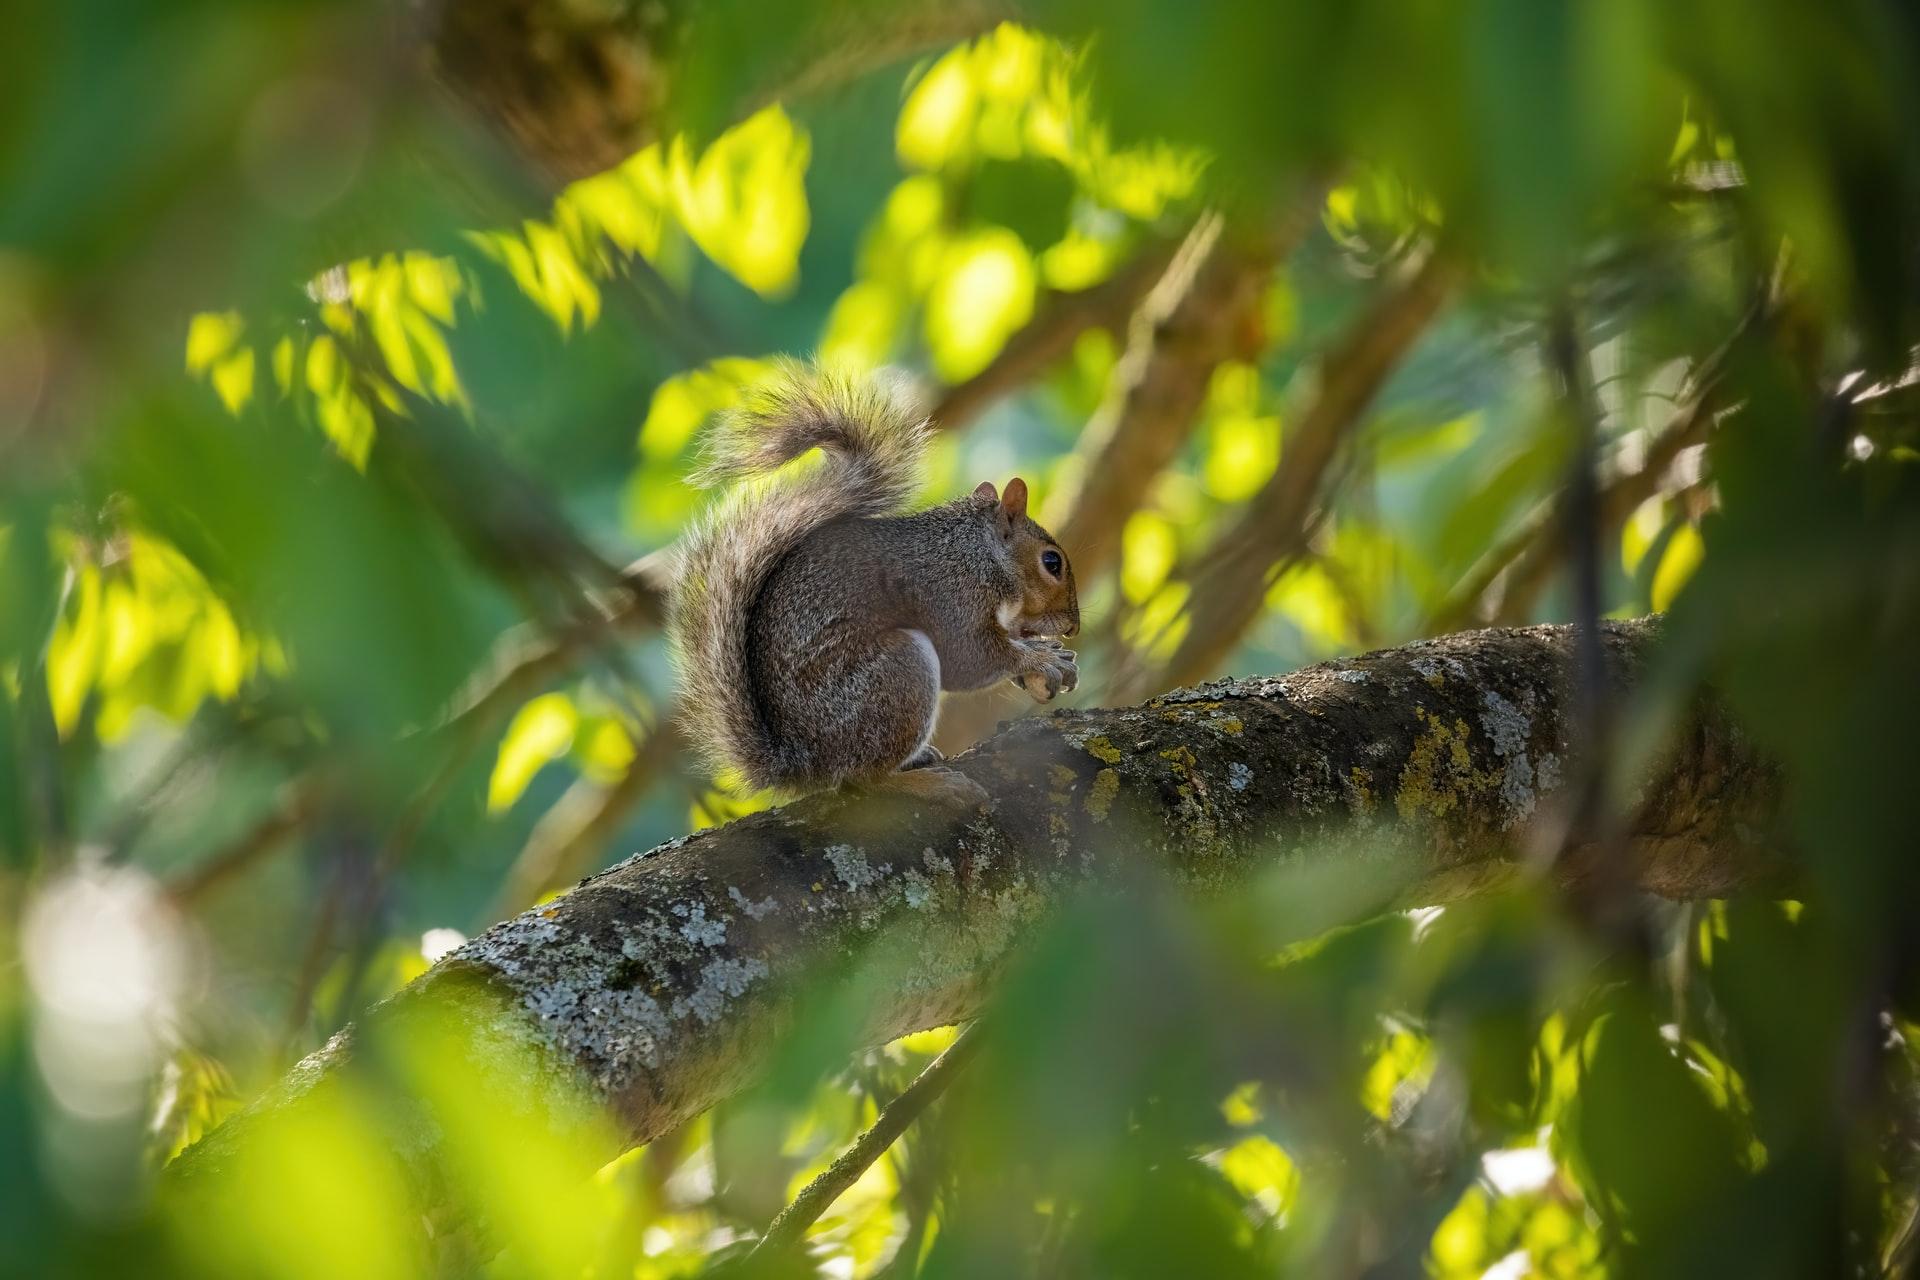 Autumn walks grey squirrels